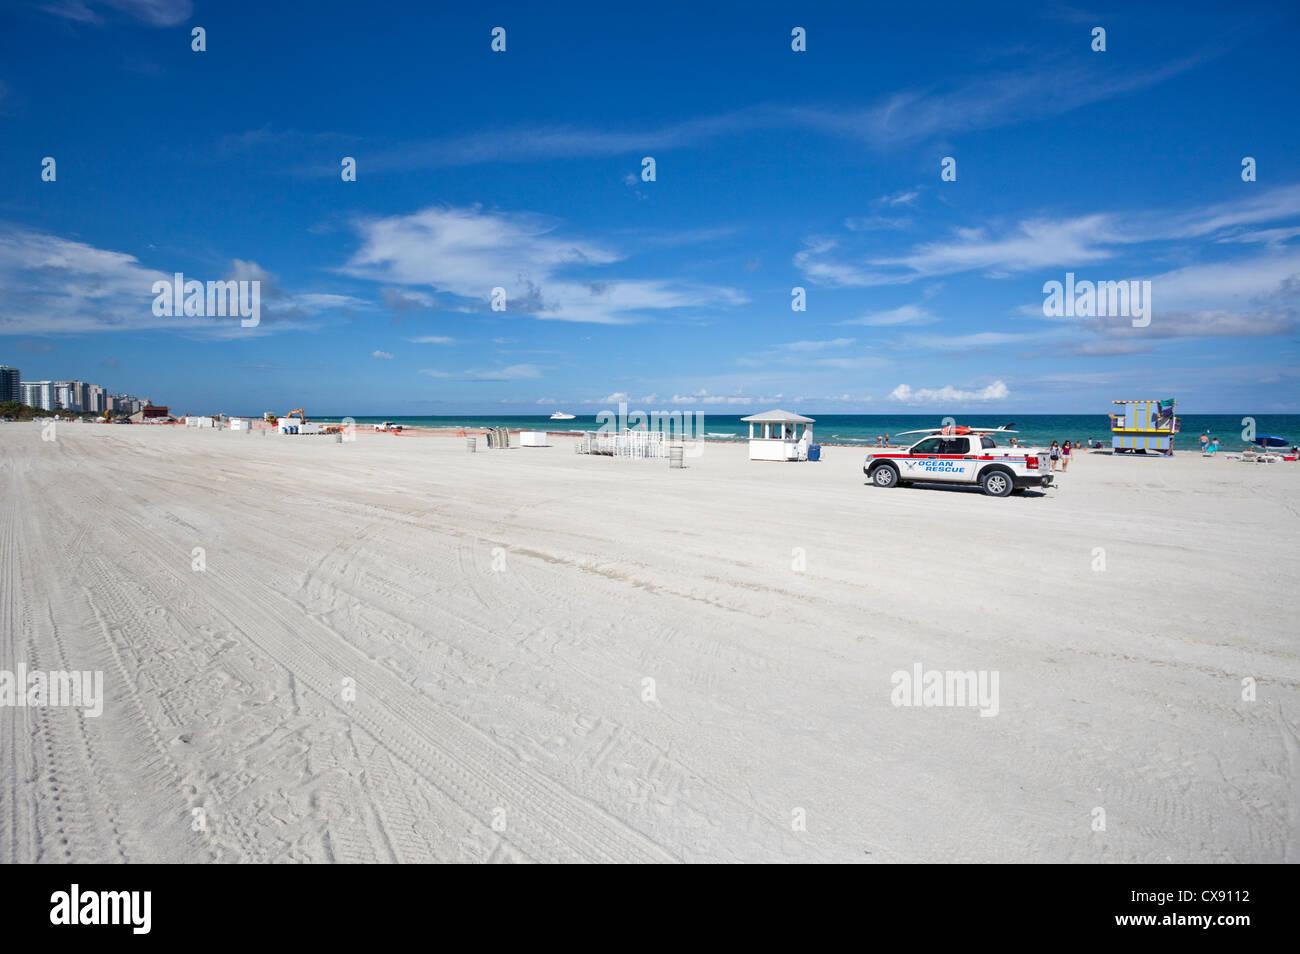 Miami Beach, Florida, USA - Stock Image